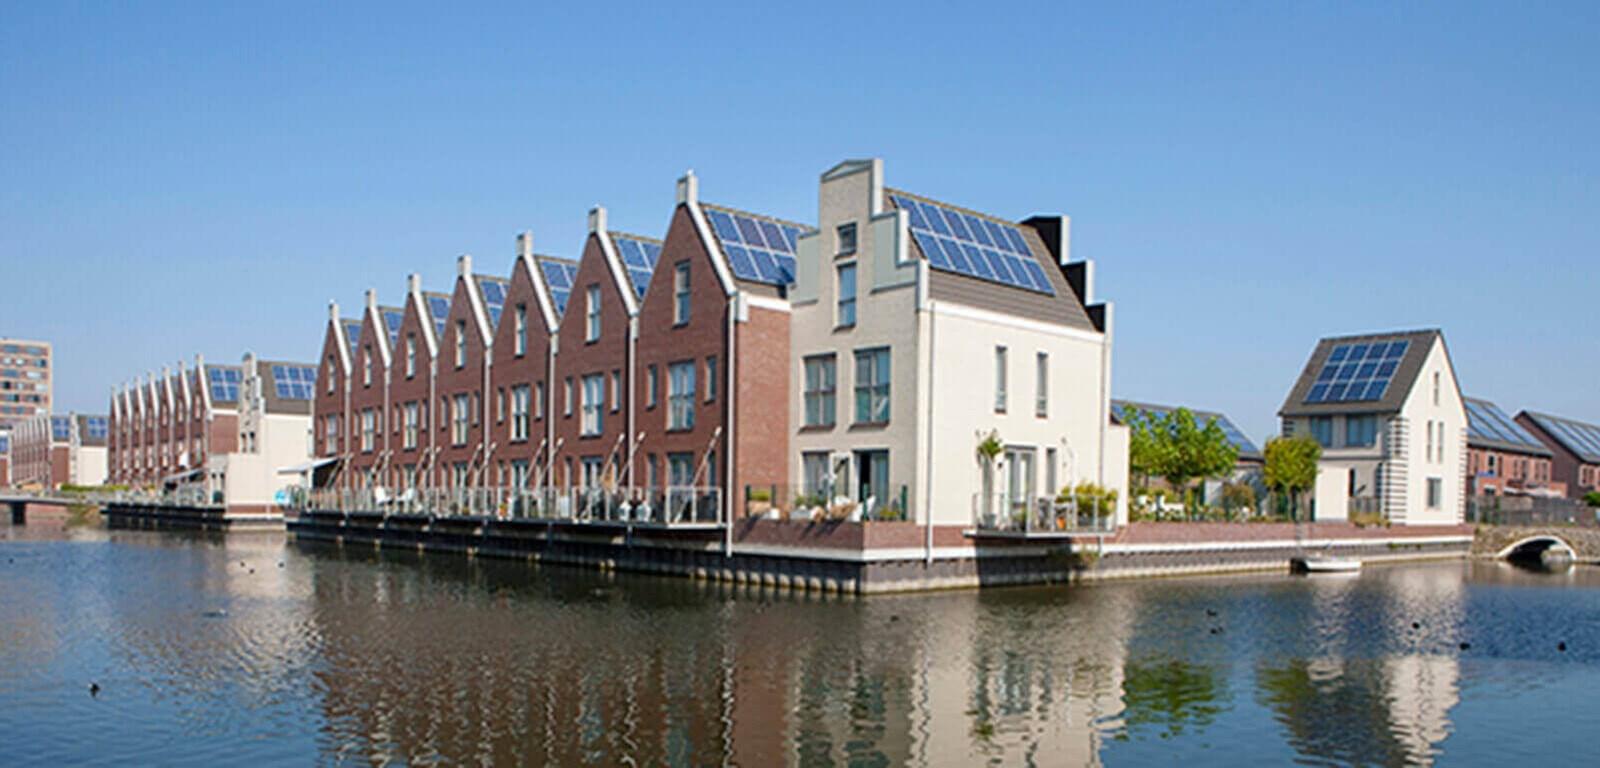 Netbeheer Nederland ondertekent Green Deal Aardgasloze wijken